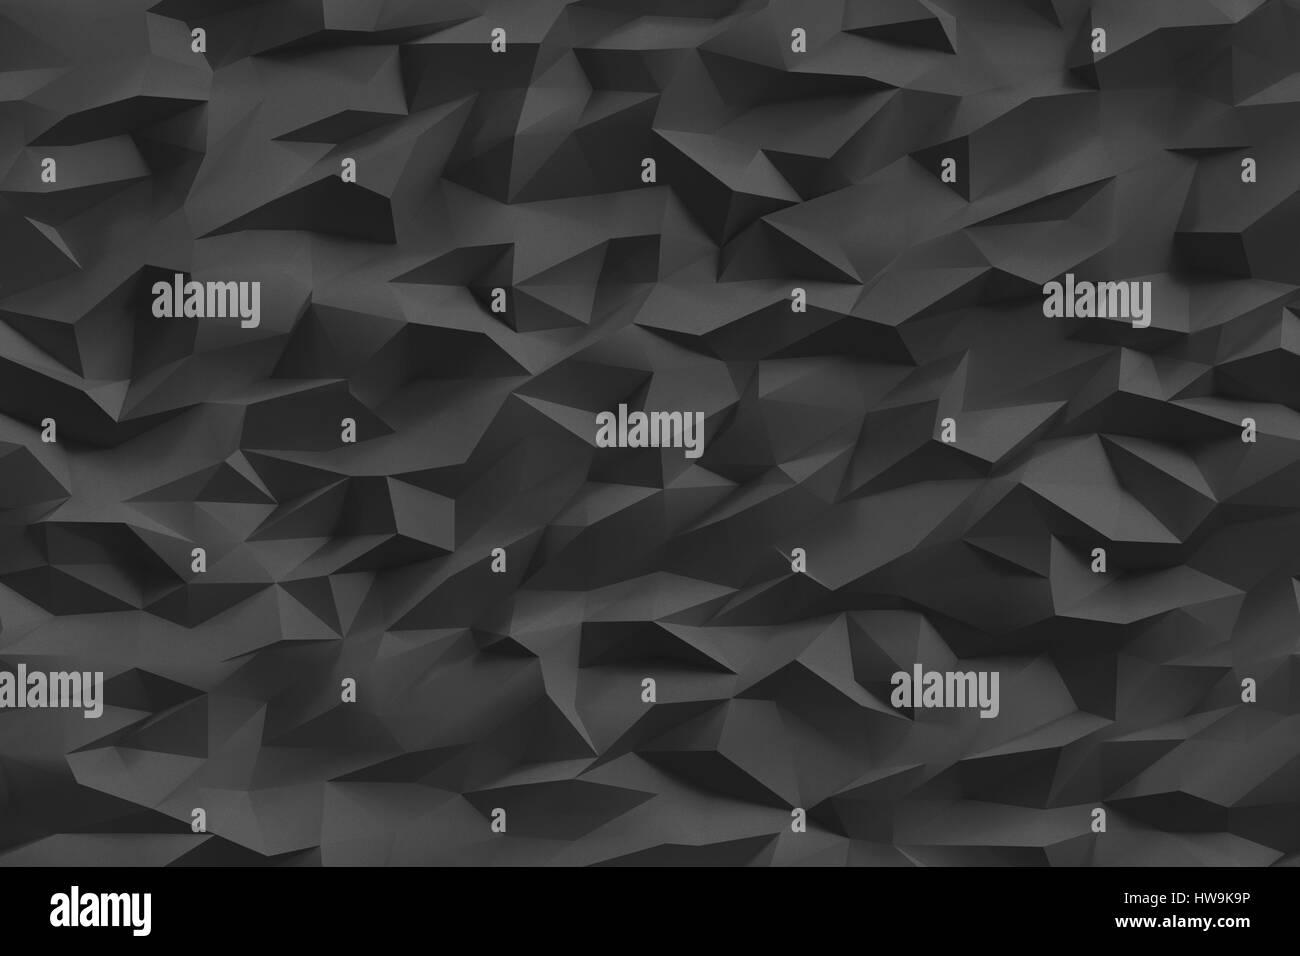 Poly Bas Fond Noir Neutre La Texture Numrique Polygonal Minimaliste Llment De Conception Graphique Pour Affiche Dcorative Carte Visite